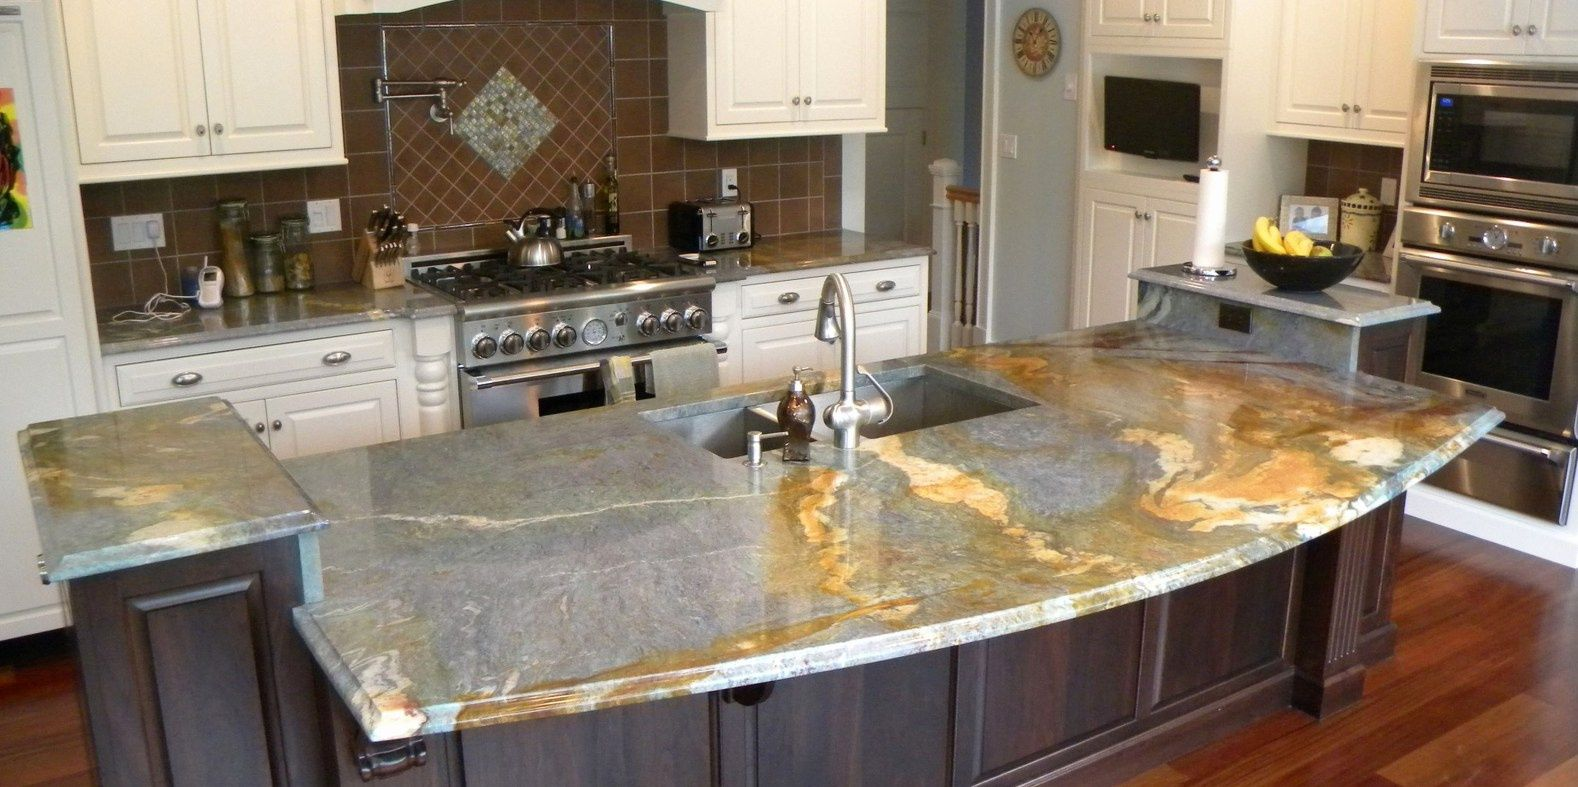 Charmant 50+ Which Is Cheaper Quartz Or Granite Countertops   Kitchen Cabinet  Lighting Ideas Check More